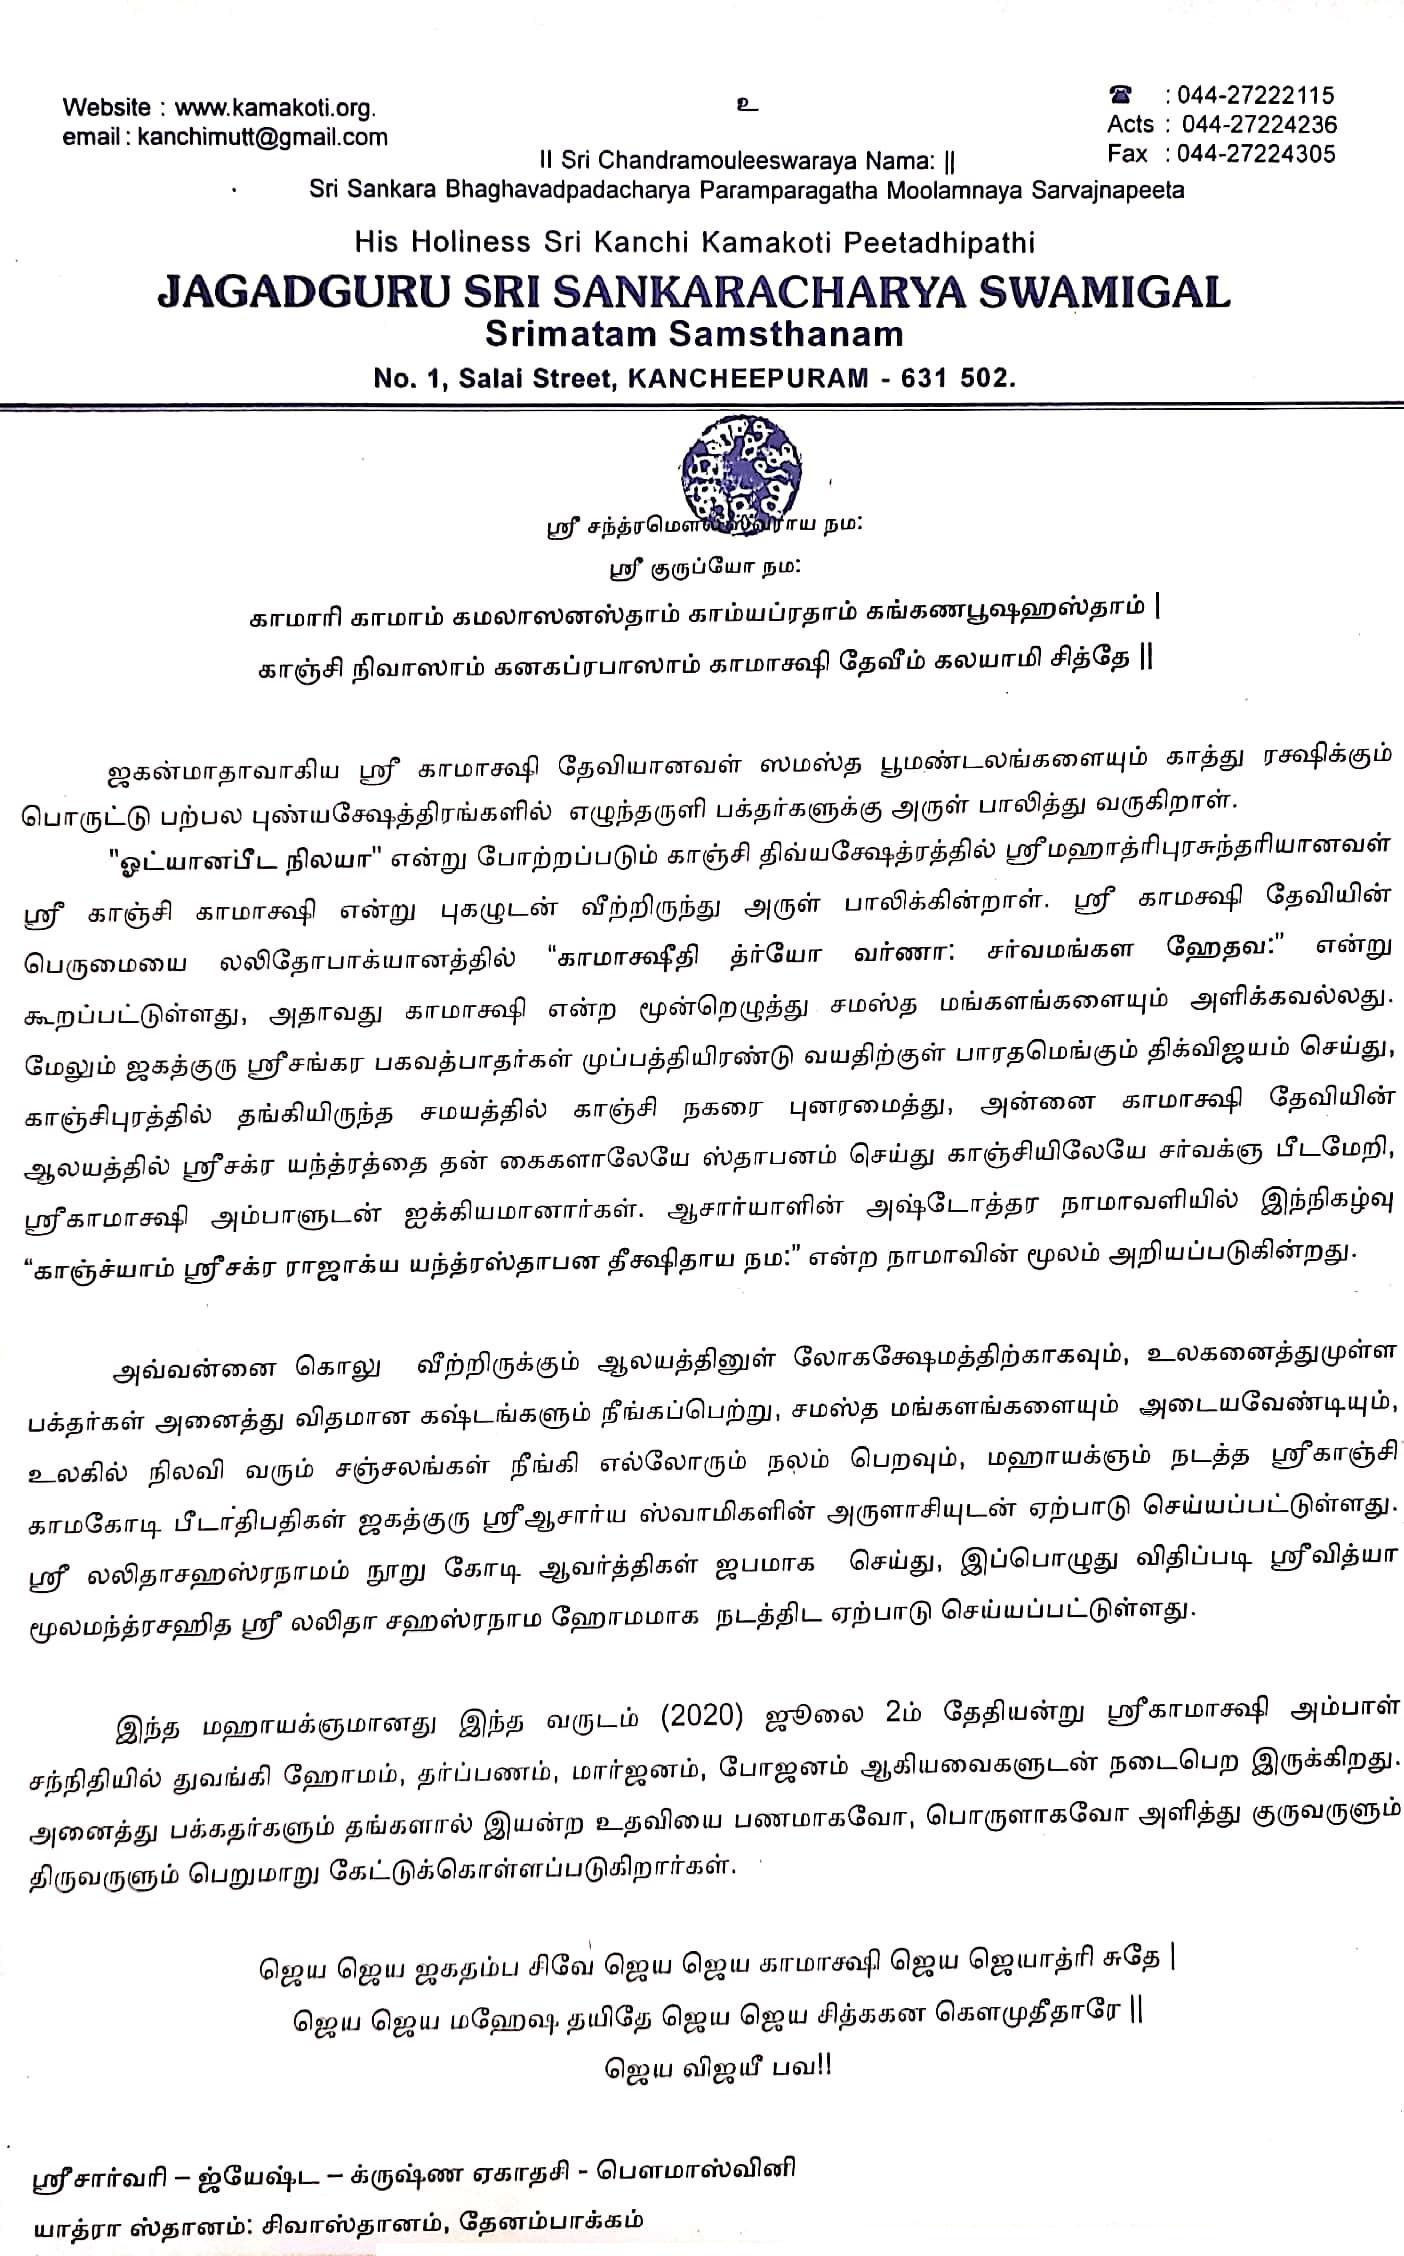 Sahasranama homam_Tamil1